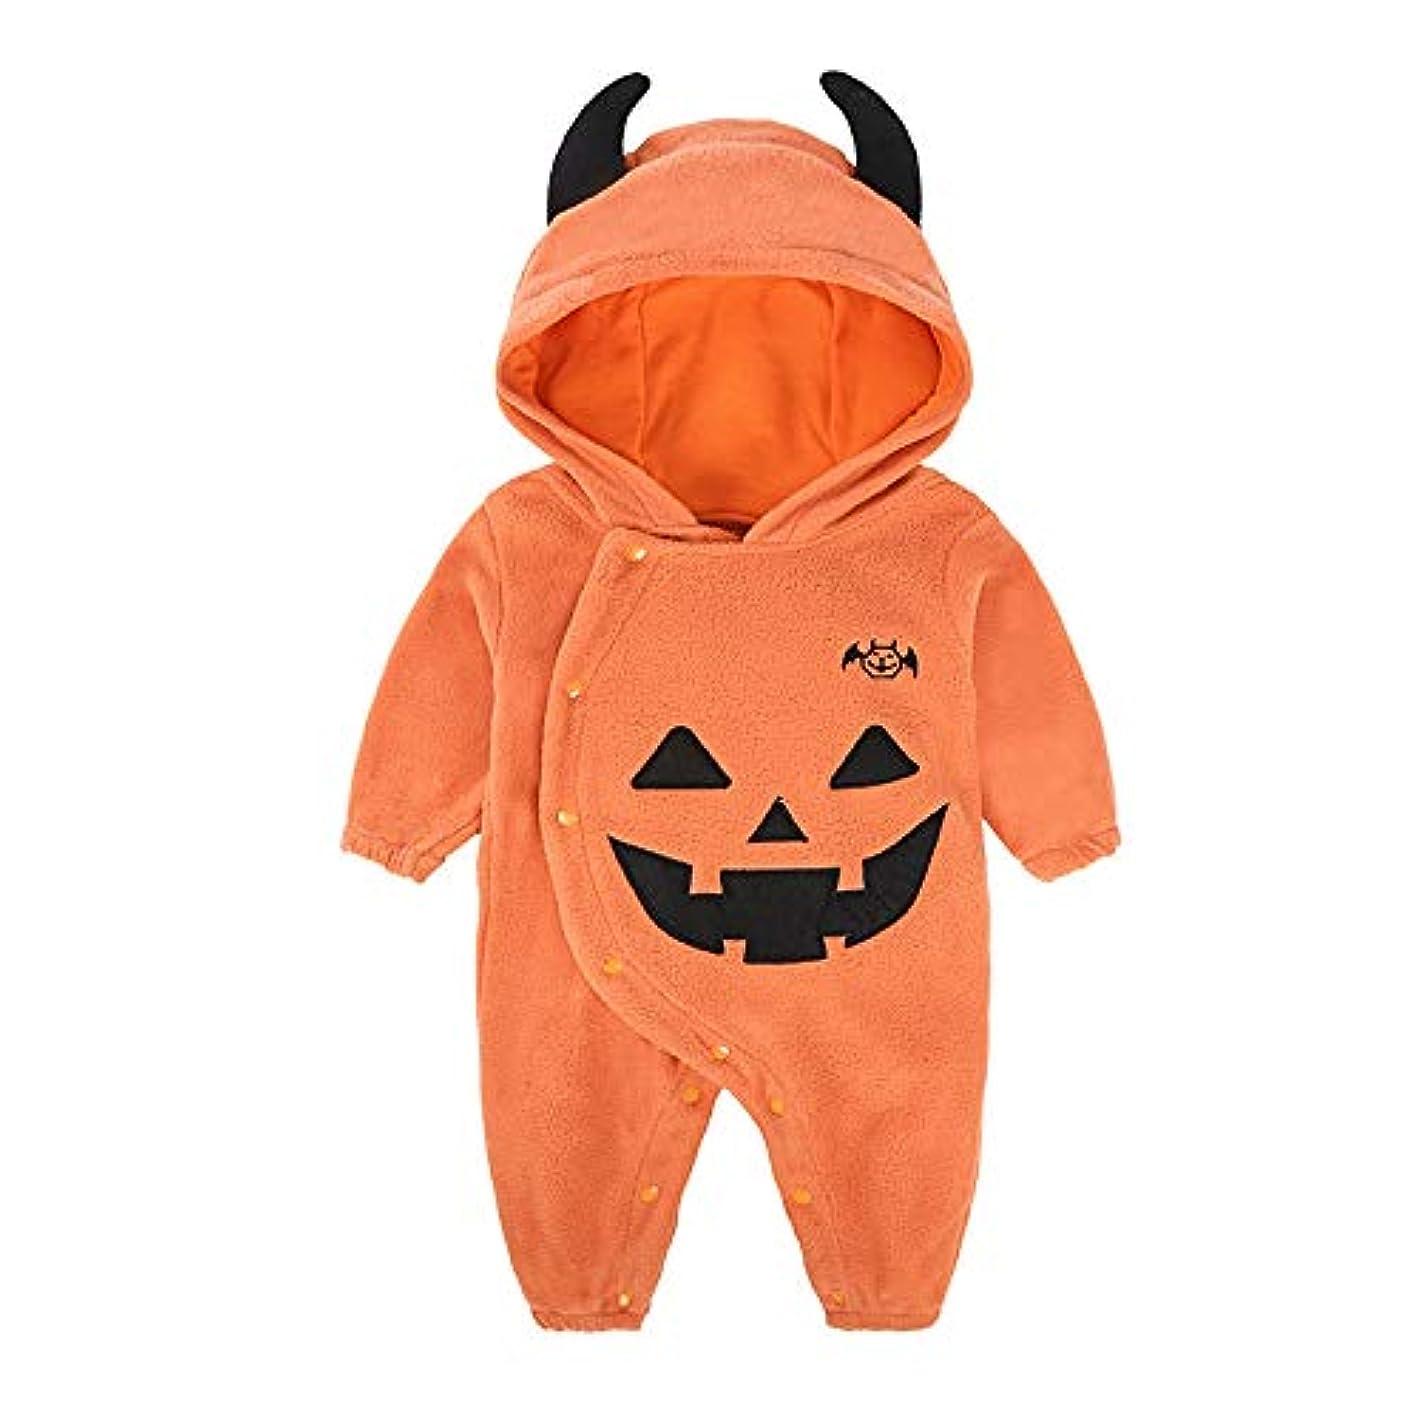 ペンスパーティー驚かす赤ちゃん男の子かぼちゃ服ハロウィーン3-packルーズパジャマコスチュームロンパース3-24ヶ月